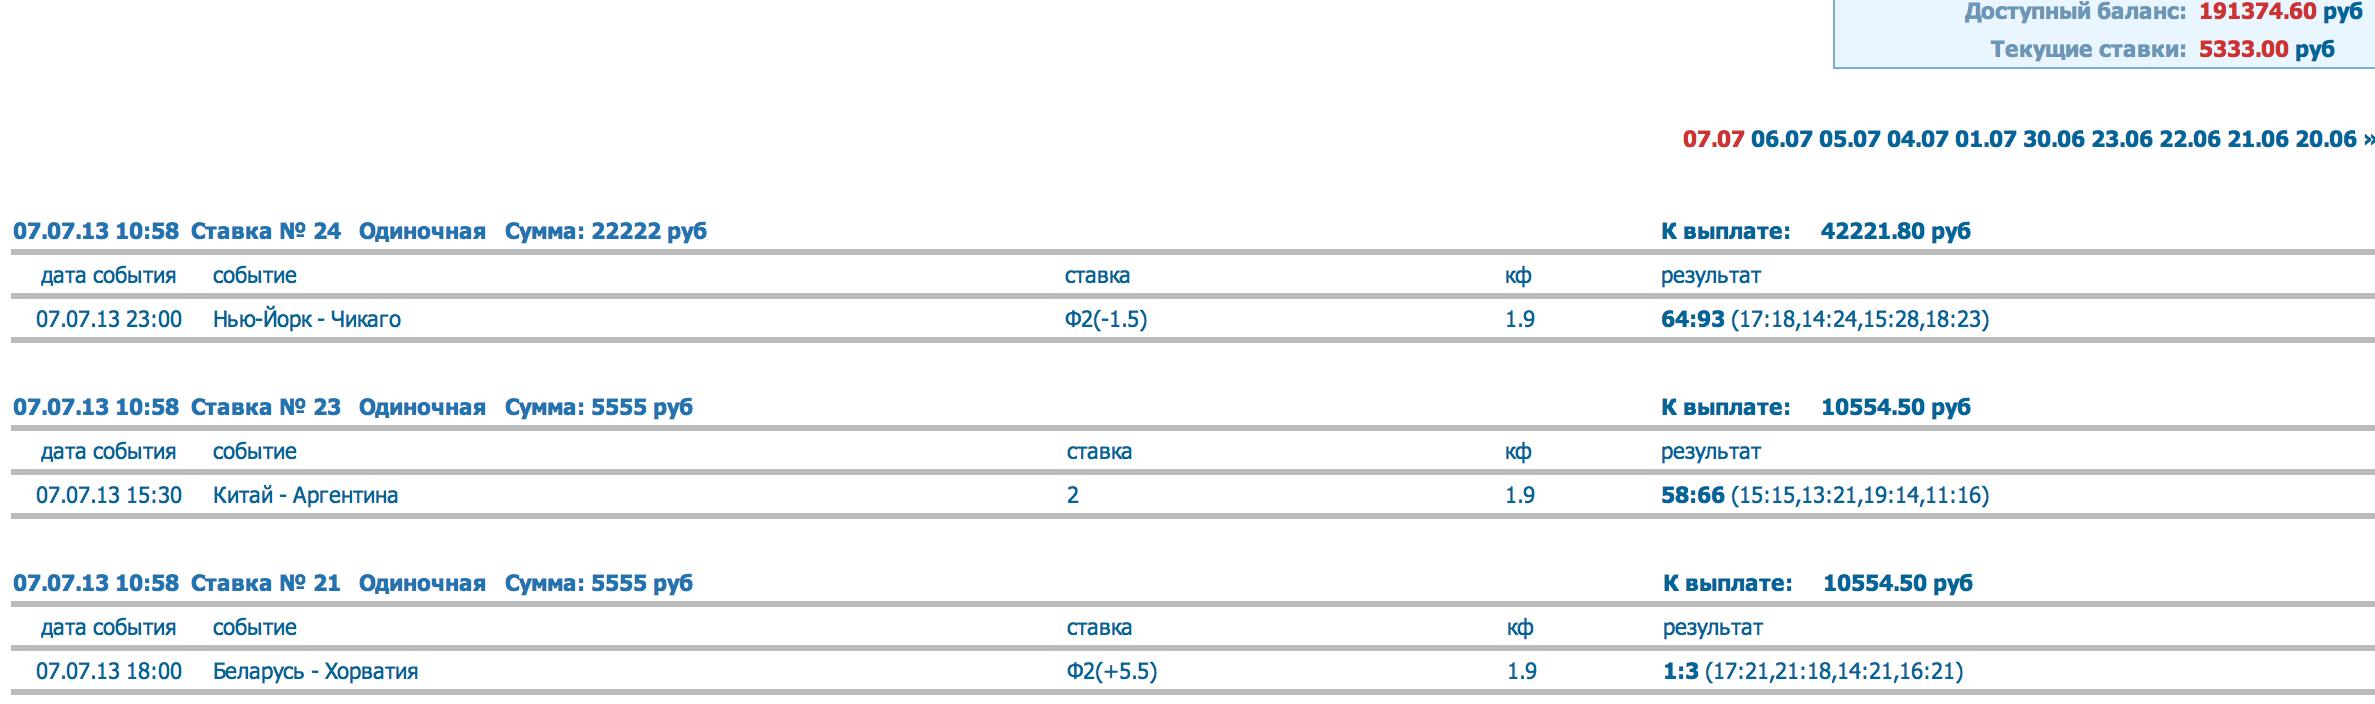 фото счетов букмекерских контор